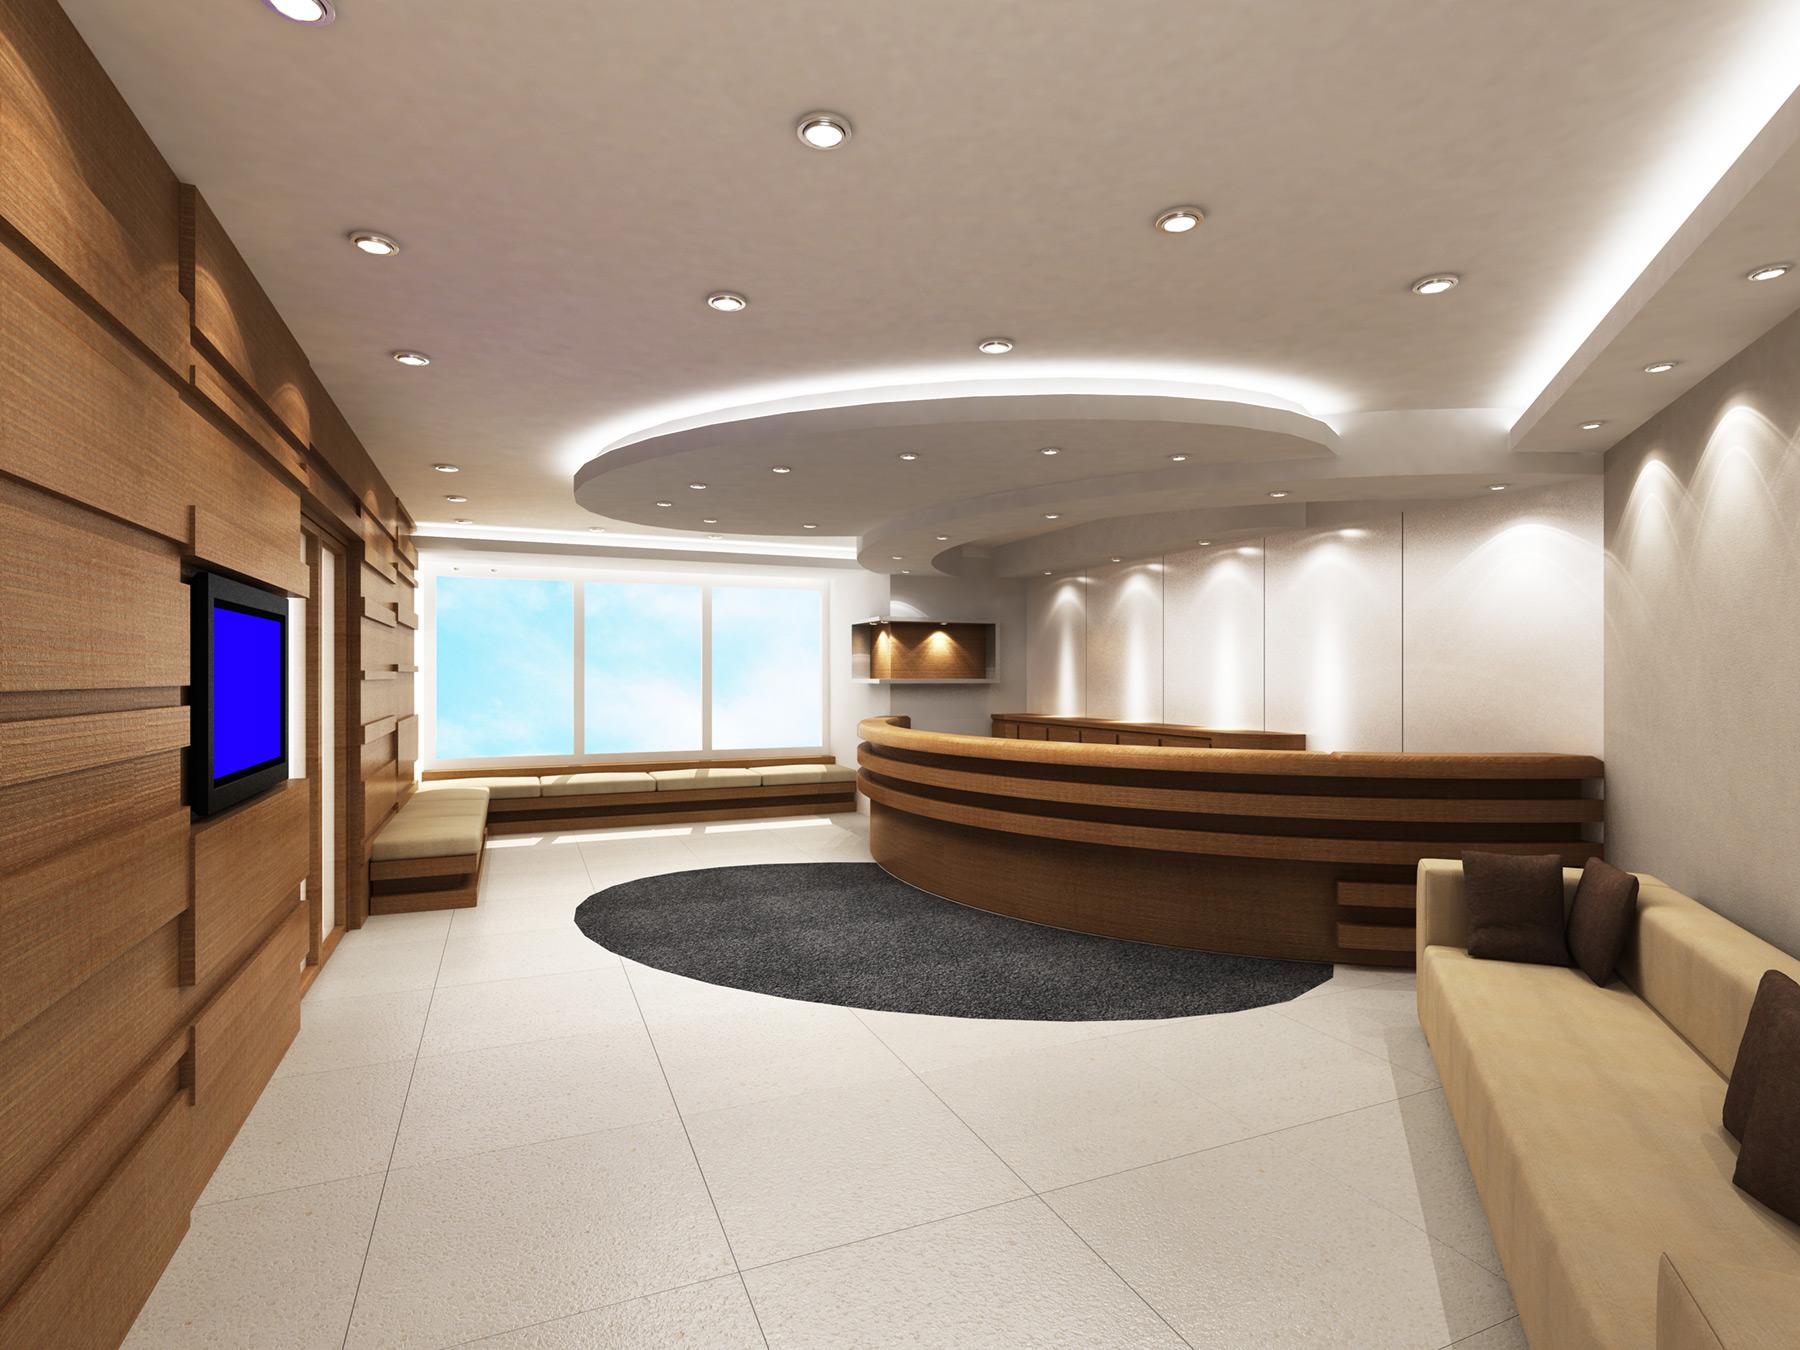 Arredamento ufficio roma la sala d 39 attesa sistema ufficio - Arredare ufficio idee ...